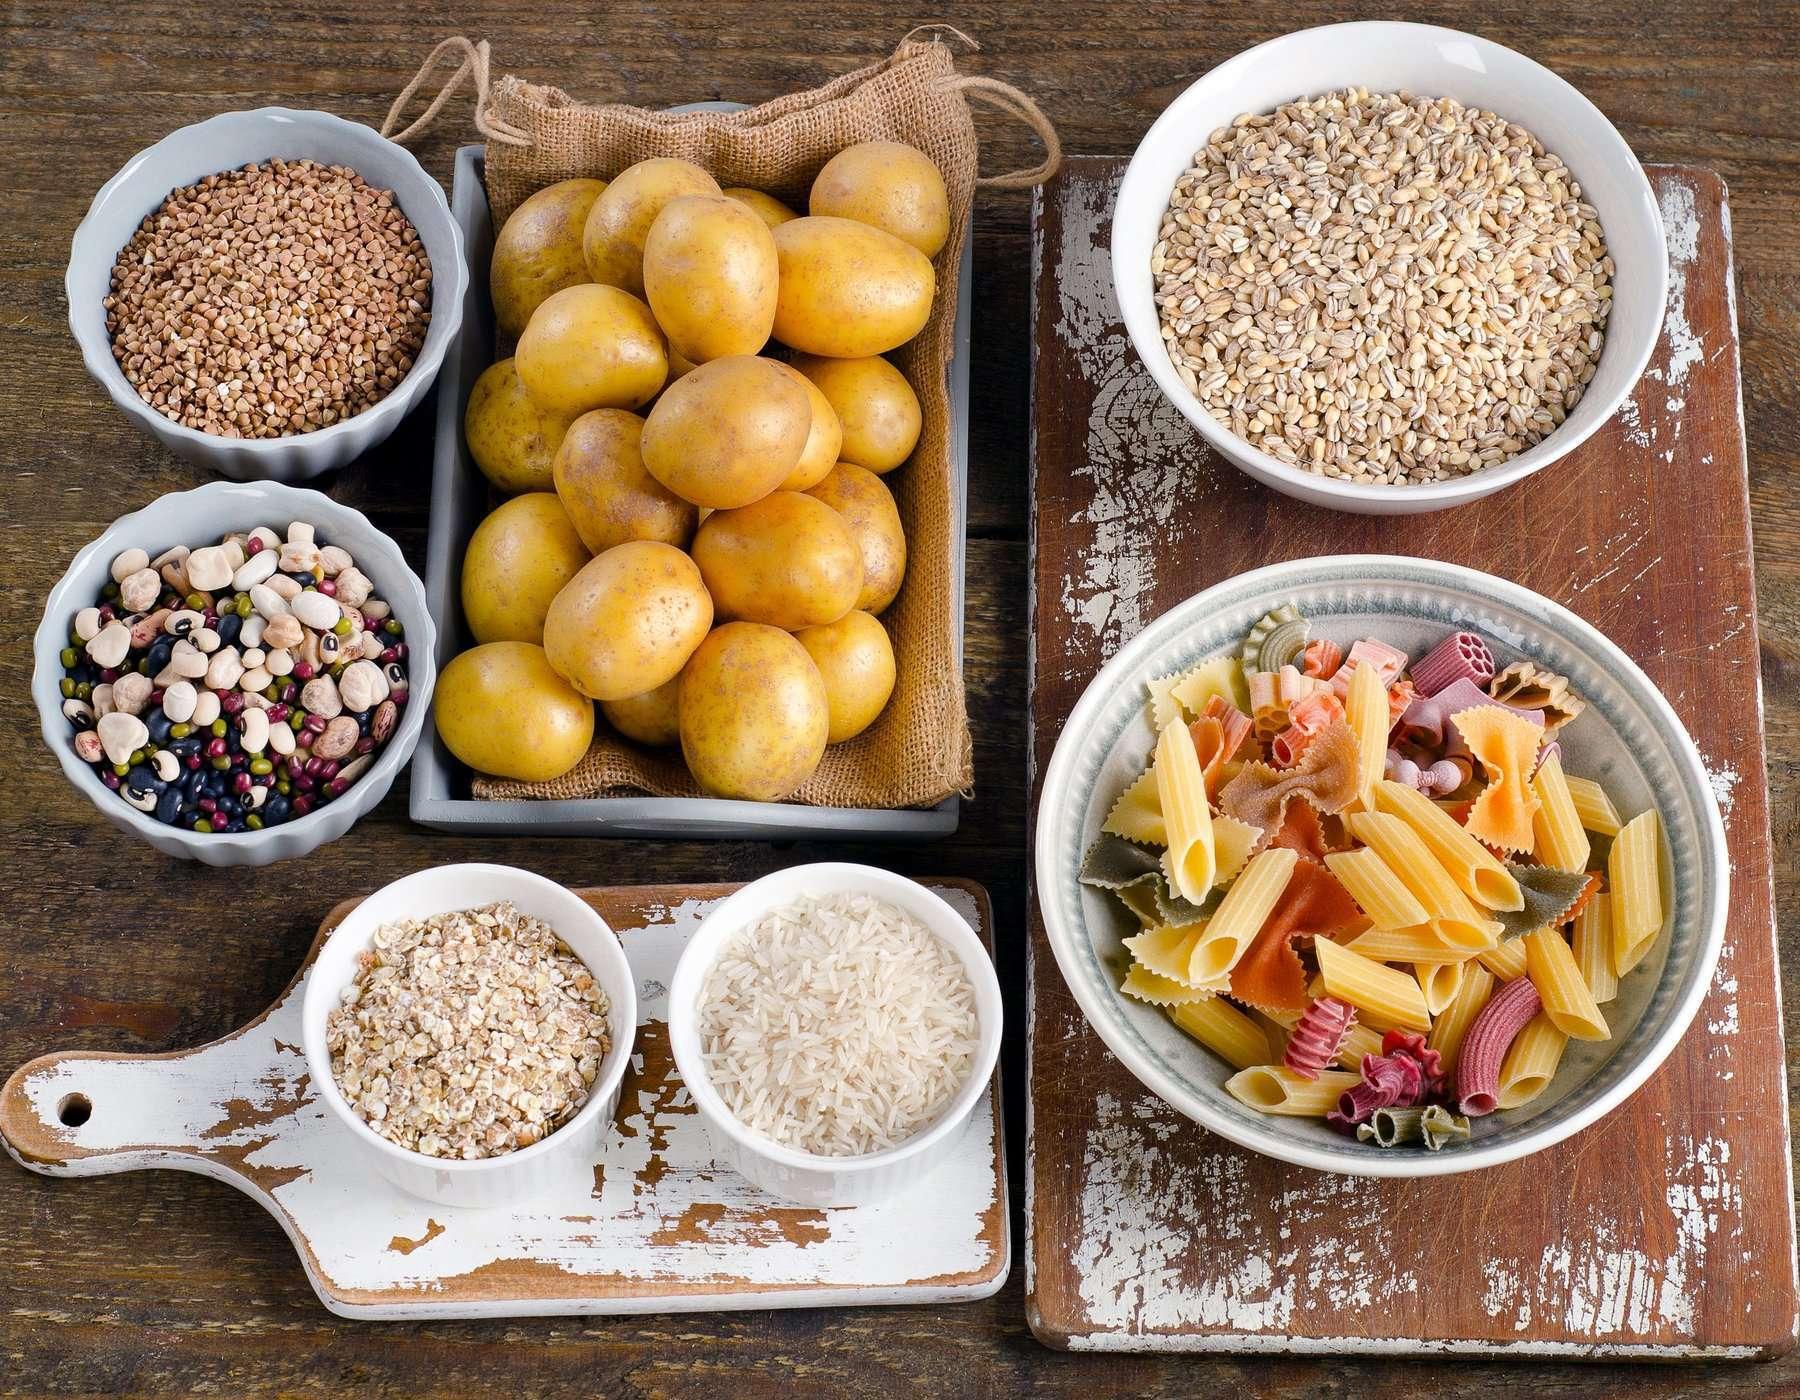 Bật mí cách giảm béo bằng cách kiểm soát chặt lượng tinh bột và chất béo3